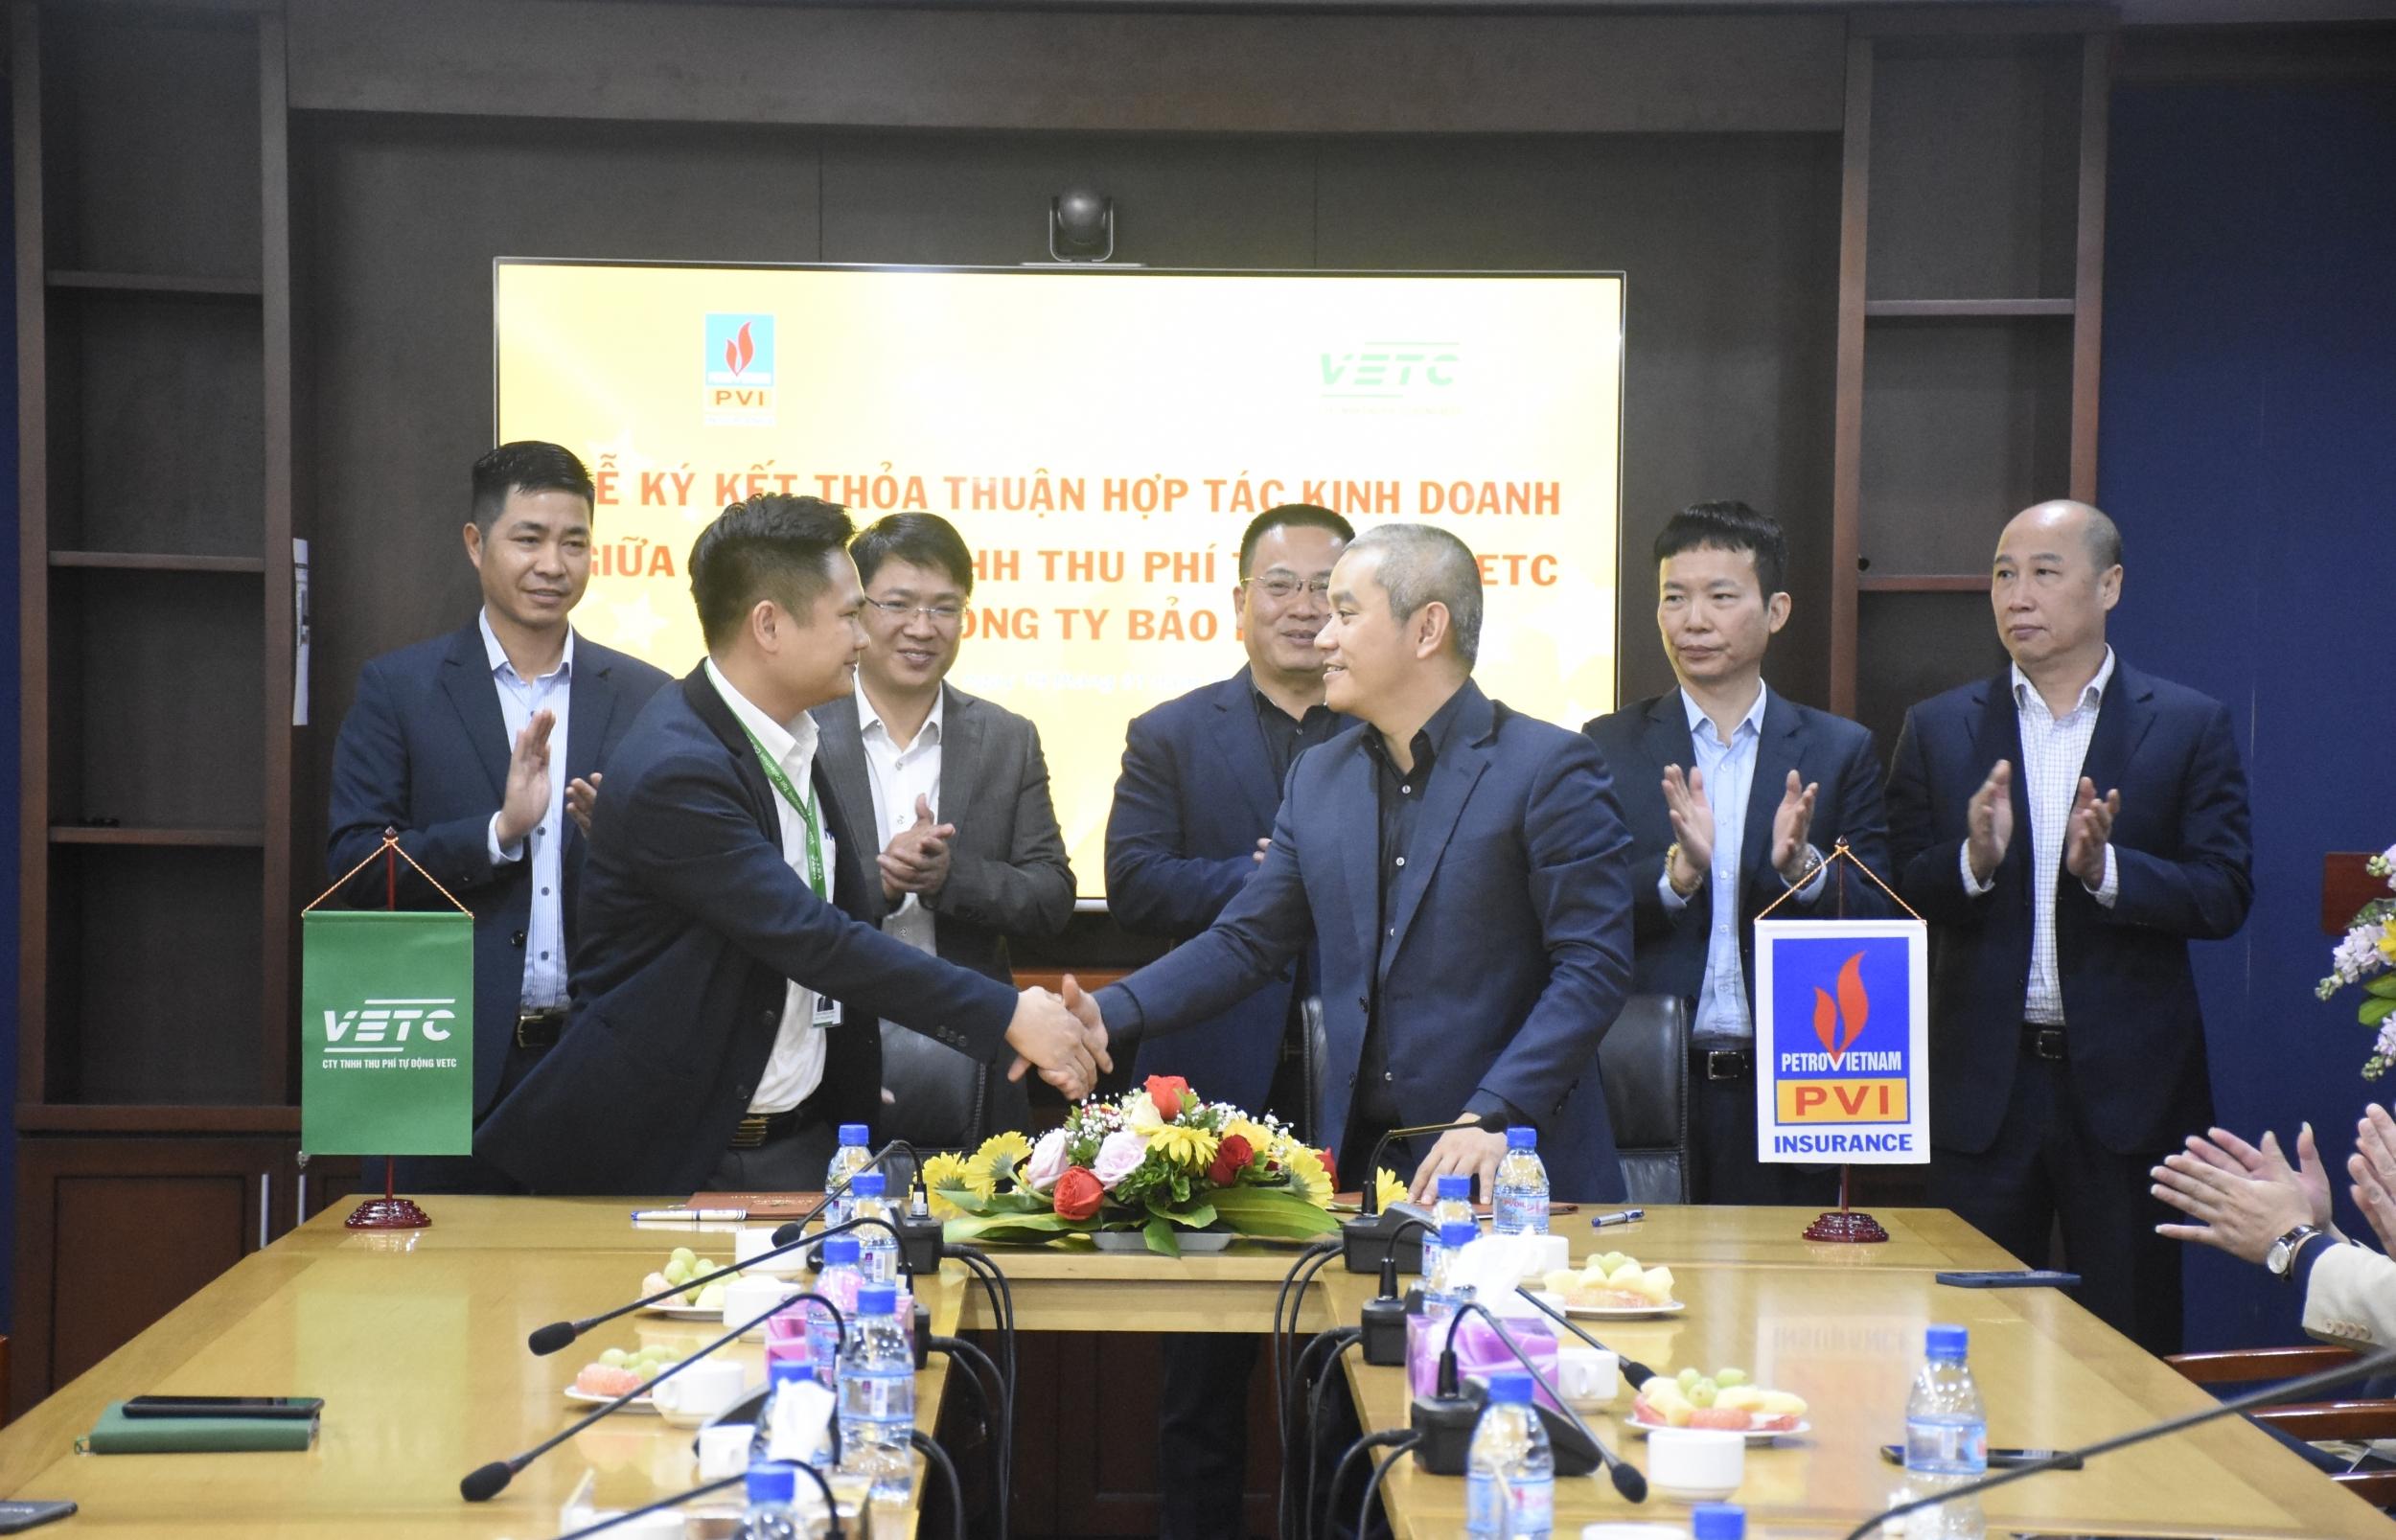 Tổng công ty Bảo hiểm PVI và Công ty TNHH Thu phí Tự động VETC ký kết Thỏa thuận Hợp tác kinh doanh